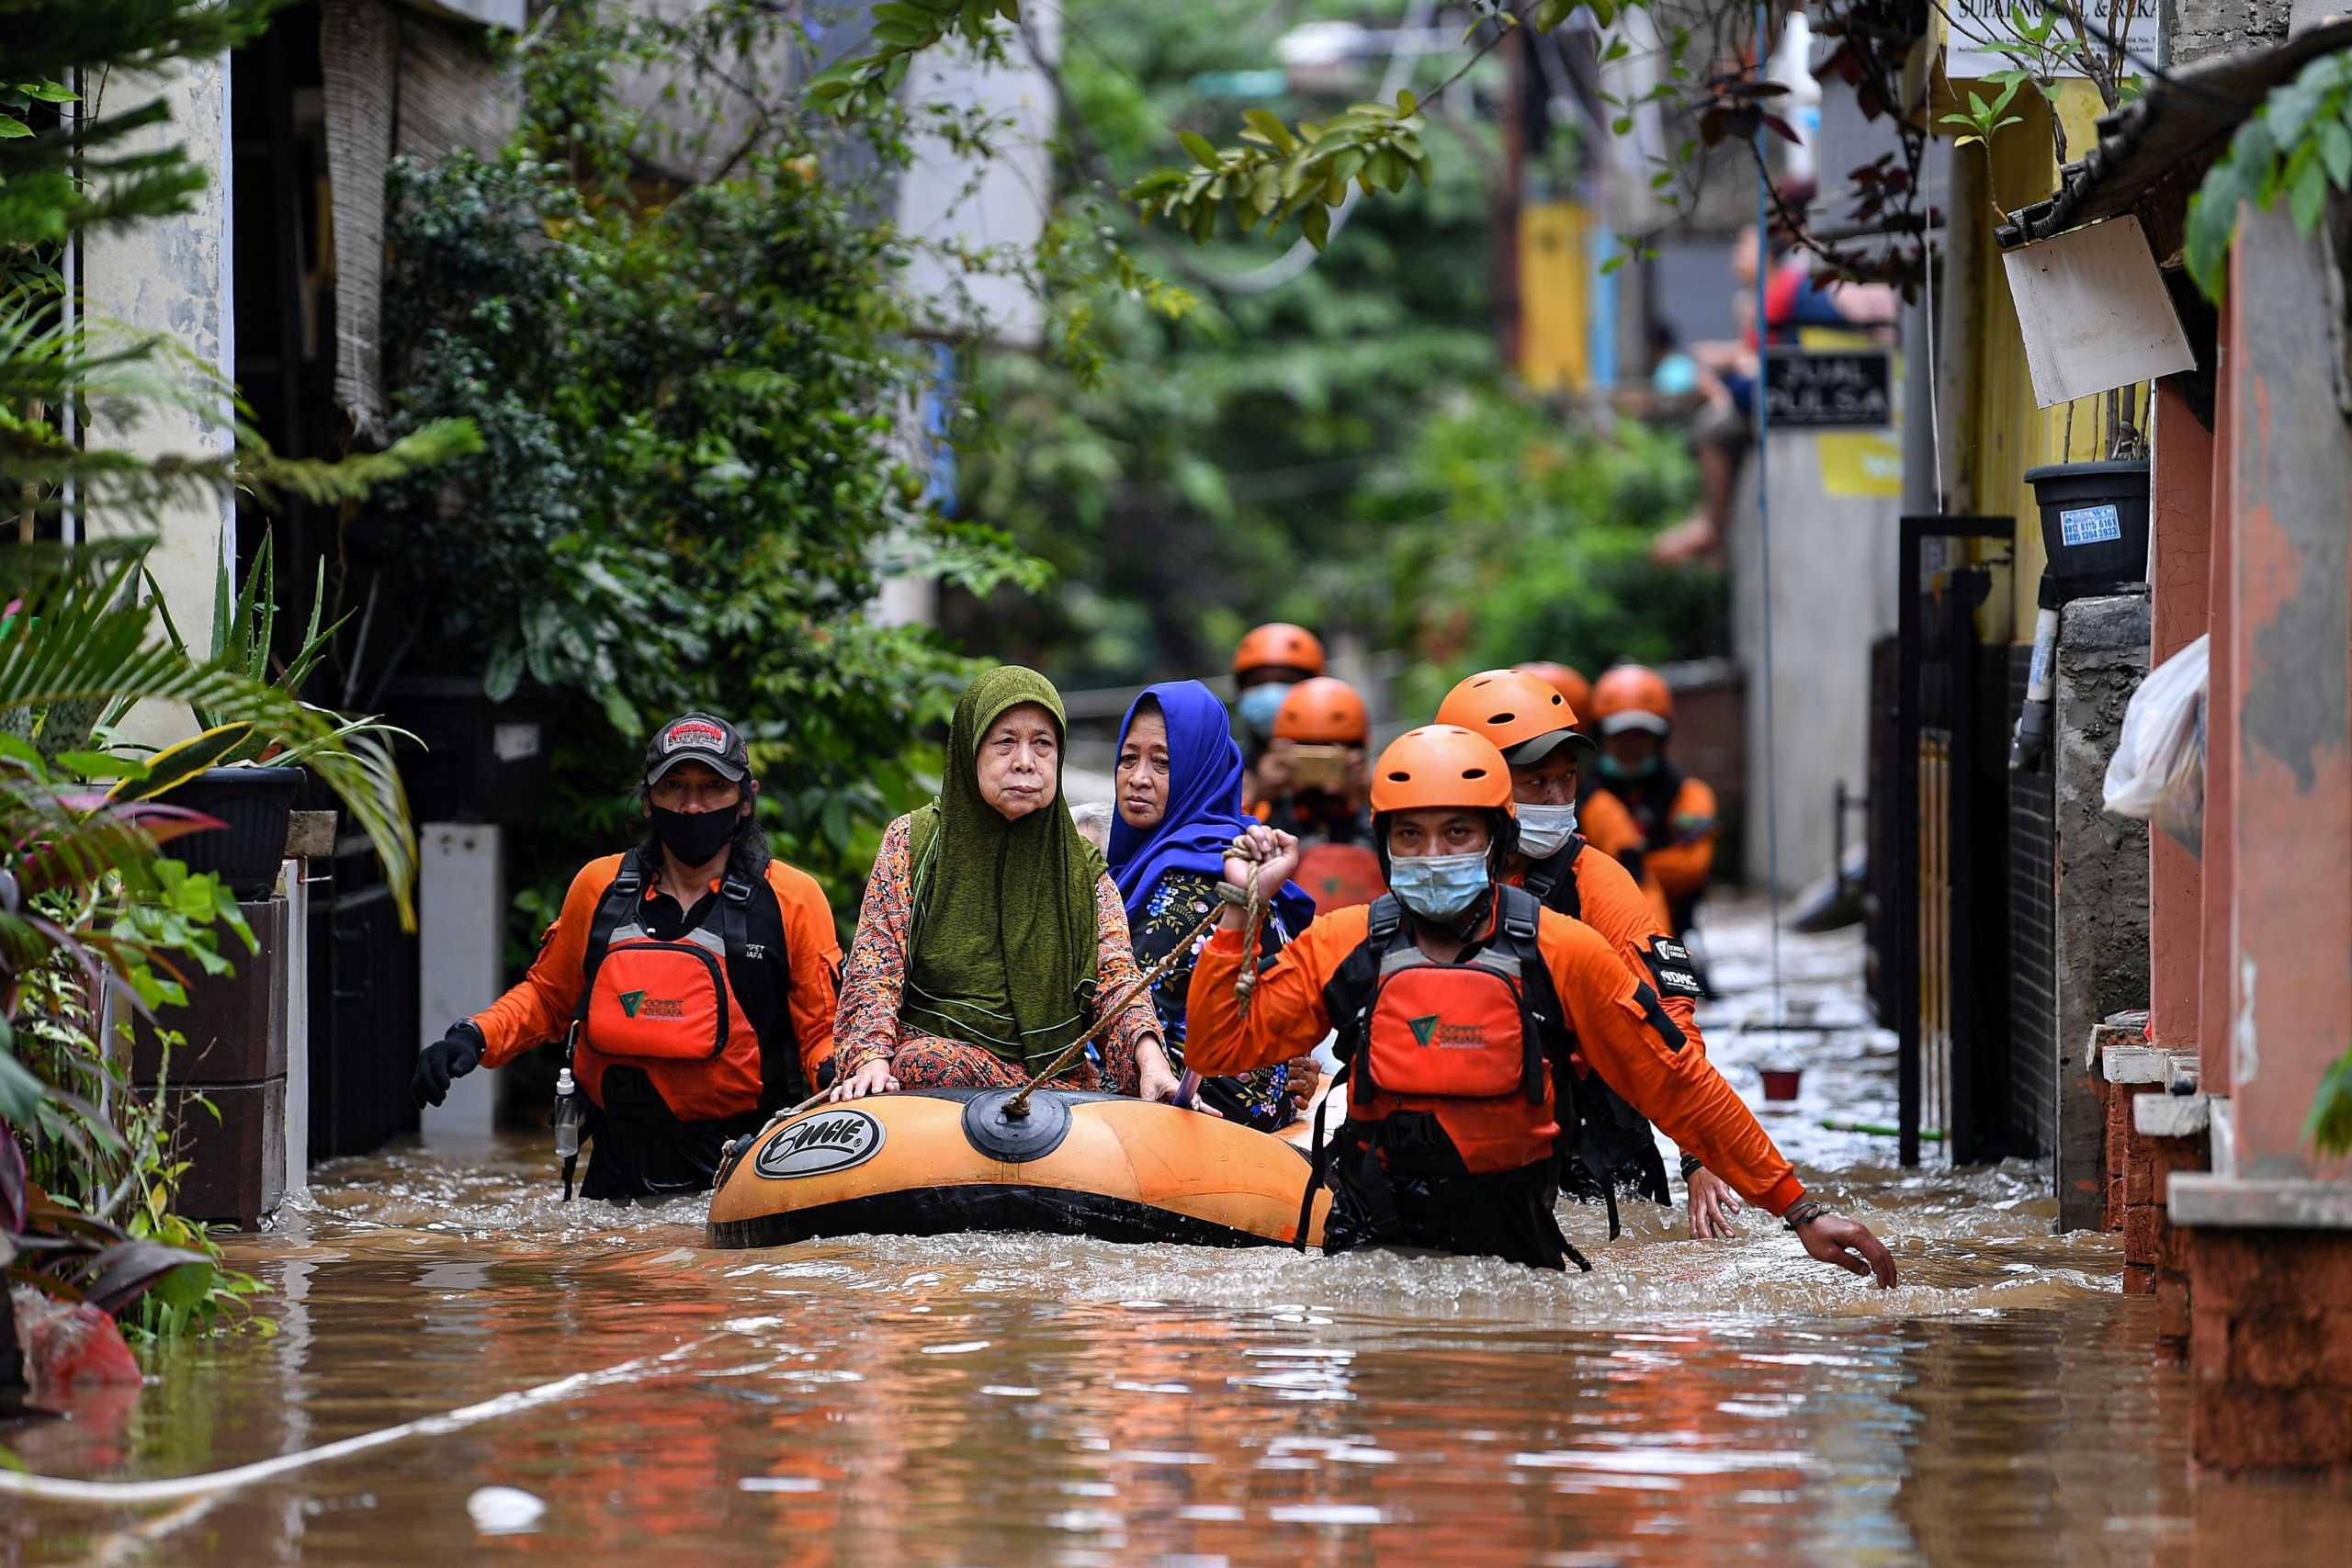 Κλιματική αλλαγή: Πλημμύρες και ξηρασίες εκτόπισαν πάνω από 10 εκατ. ανθρώπους σε 6 μήνες